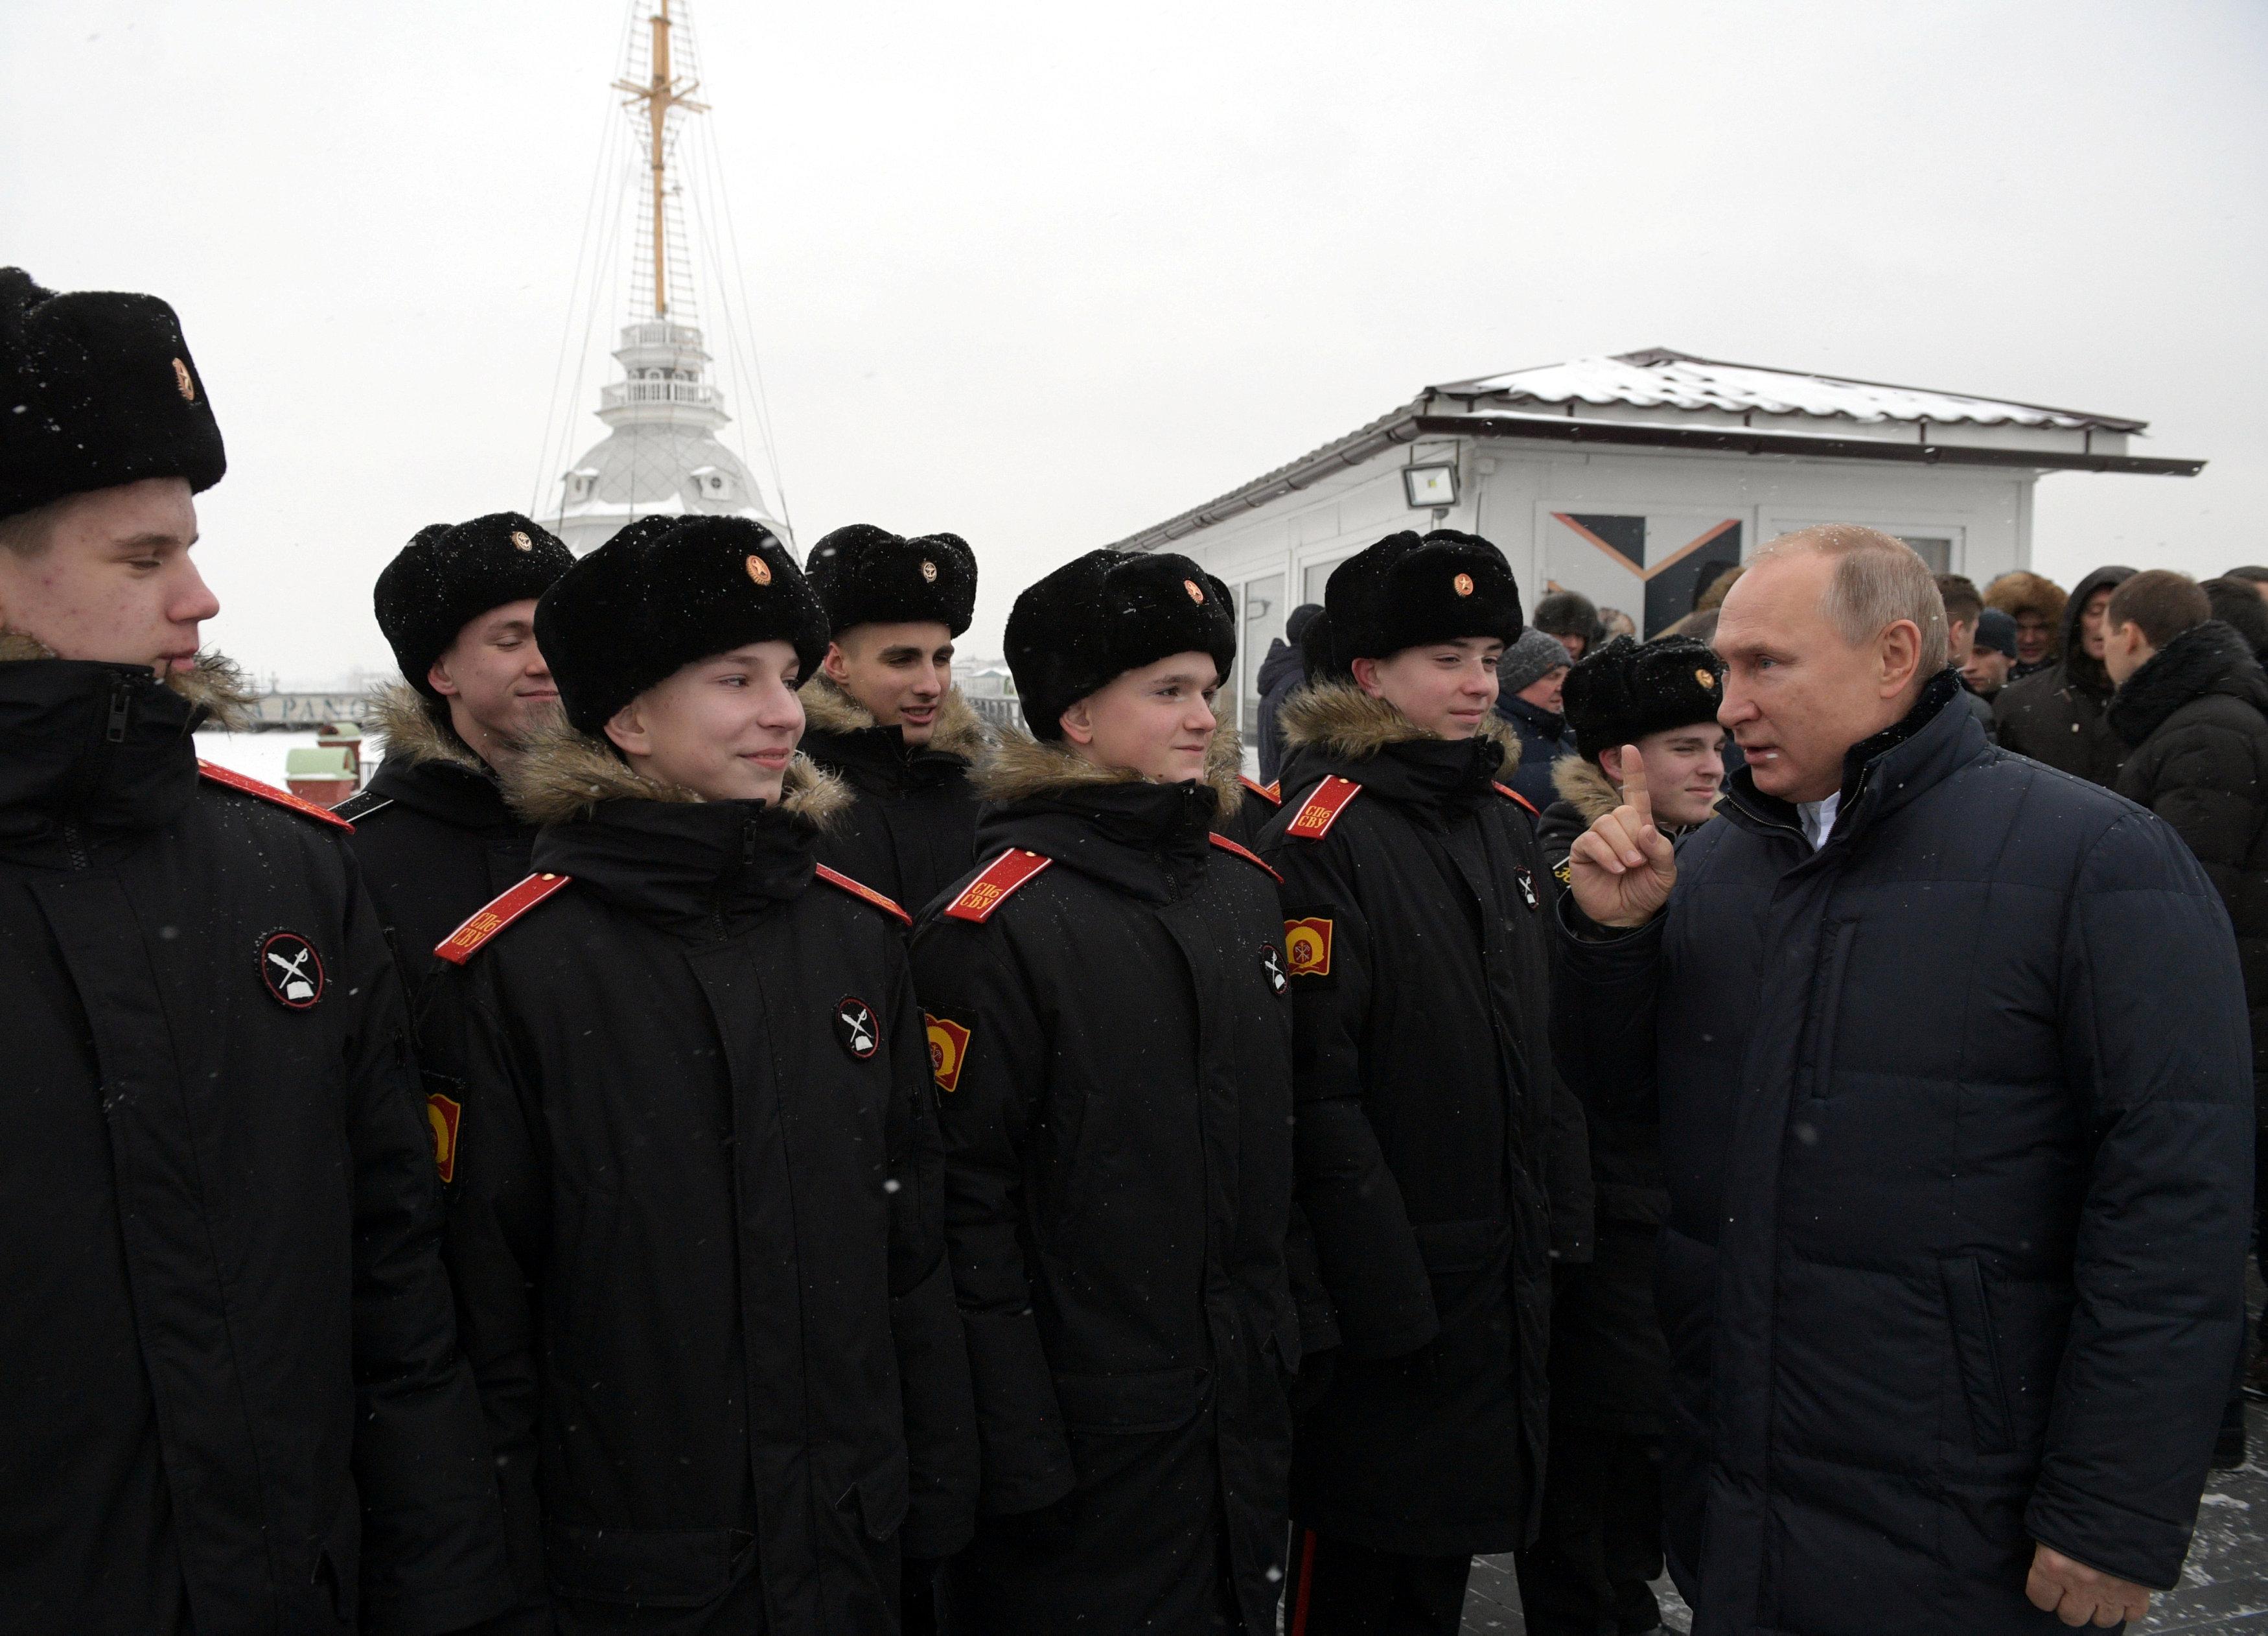 El mandatario saludó a cadetes de la escuela militar Suvorov (Reuters)